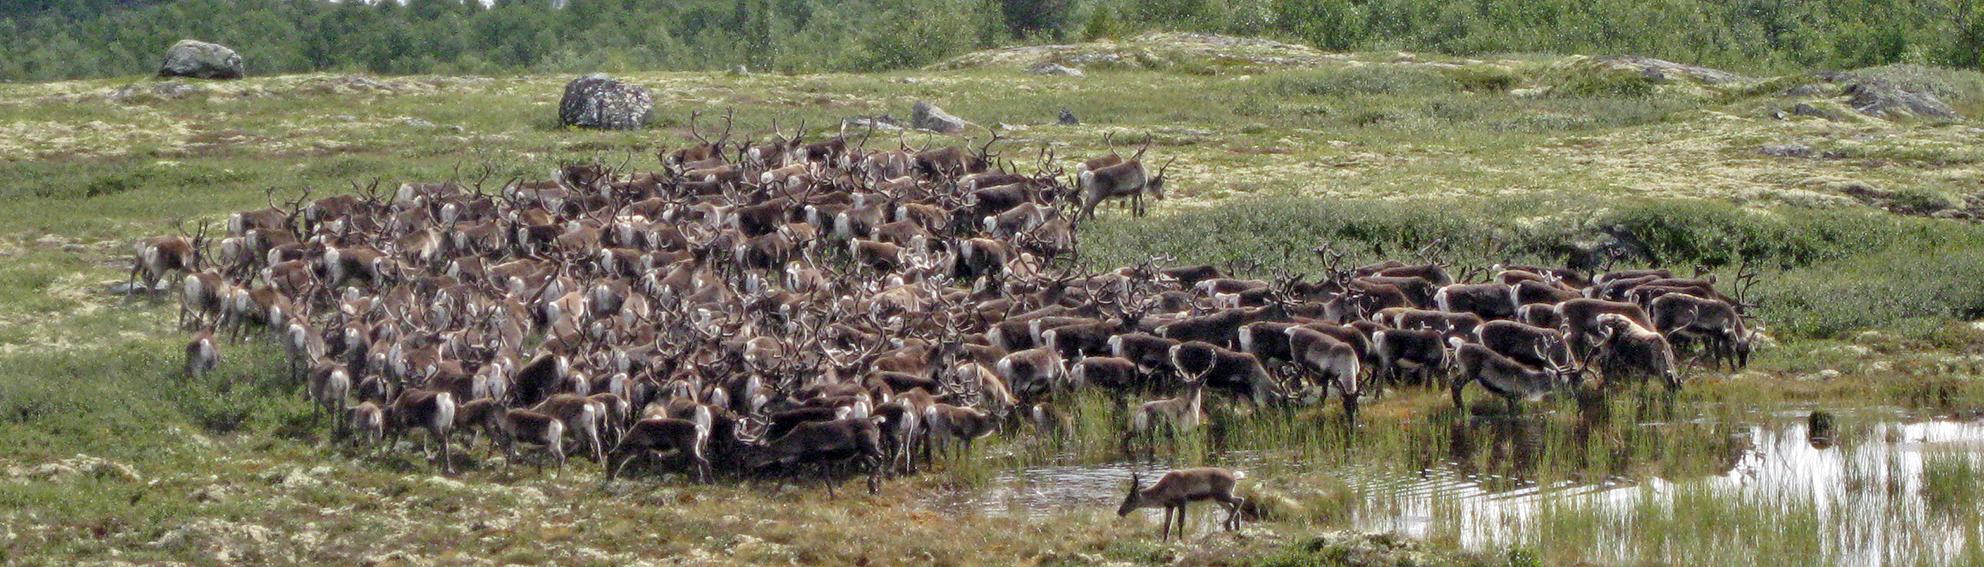 Ønsker du å jakte villrein til høsten? Da må du søke nå. Forollhogna villreinutvalg har 20 dyr til disposisjon i høst.  Arkivfoto 2005: Arne Nyaas